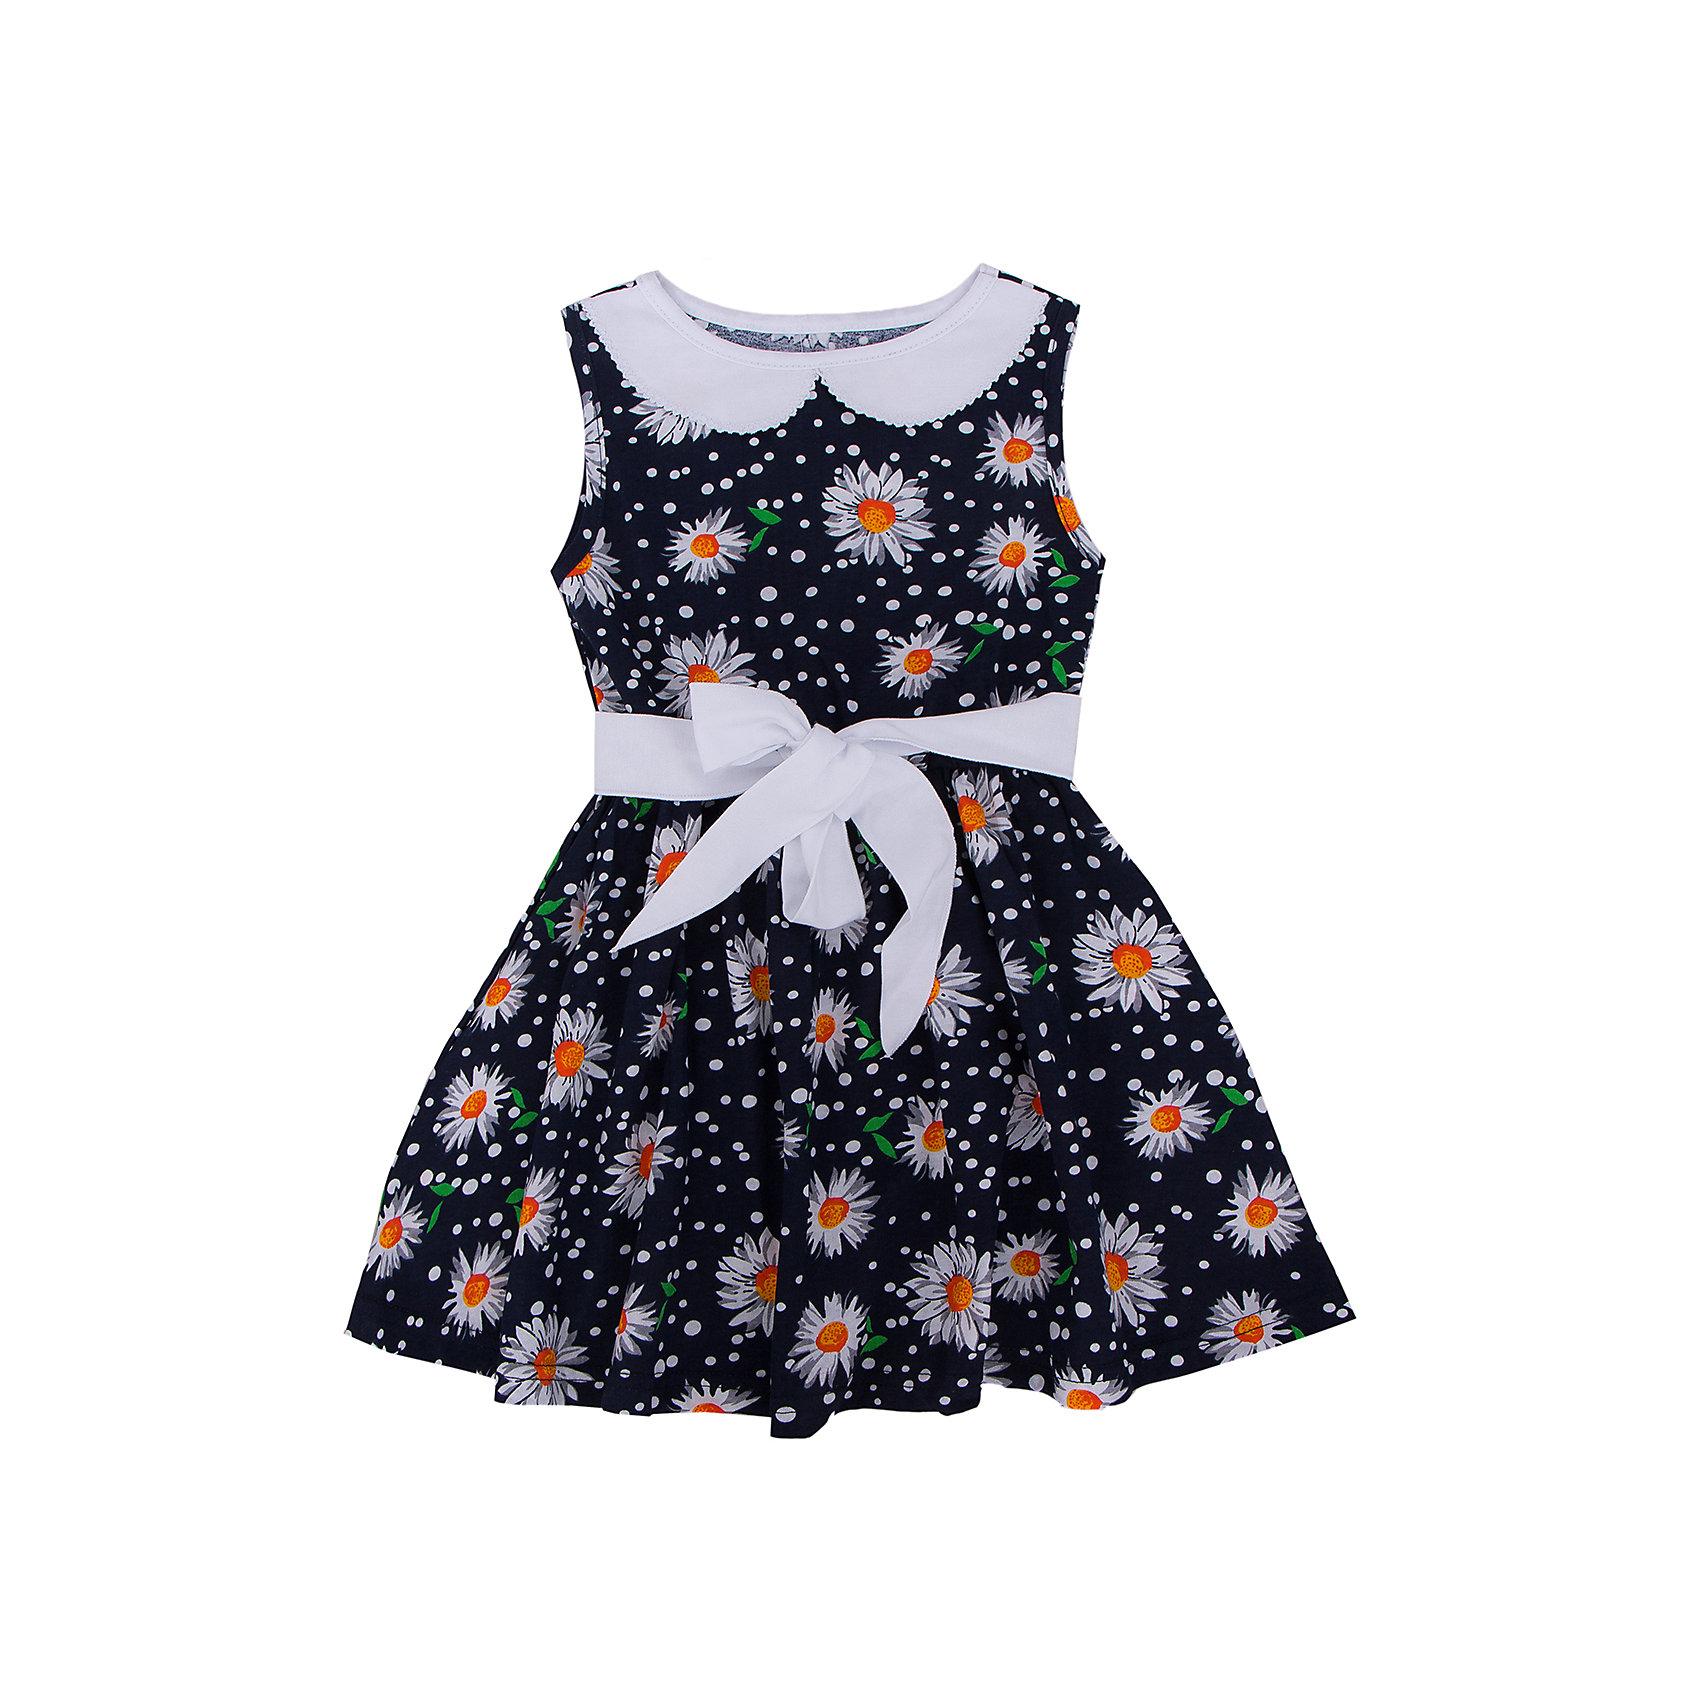 Платье АпрельПлатья и сарафаны<br>Очаровательное платьишко из мягкого хлопка. Приятное на ощупь, не сковывает движения, обеспечивая наибольший комфорт. Изделие без рукавов, для придания элегантного силуэта по линии талии вставлена резинка, декорировано дизайнерской набивкой. Контрастный пояс и накладной воротник завершат образ. Отличный вариант для маленькой модницы как на праздник, так и на каждый день! Рекомендуется деликатная машинная стирка без предварительного замачивания. Состав: 100% хлопок<br><br>Ширина мм: 236<br>Глубина мм: 16<br>Высота мм: 184<br>Вес г: 177<br>Цвет: темно-синий<br>Возраст от месяцев: 24<br>Возраст до месяцев: 36<br>Пол: Женский<br>Возраст: Детский<br>Размер: 98,116,134,104,110,122,128,140<br>SKU: 4630550